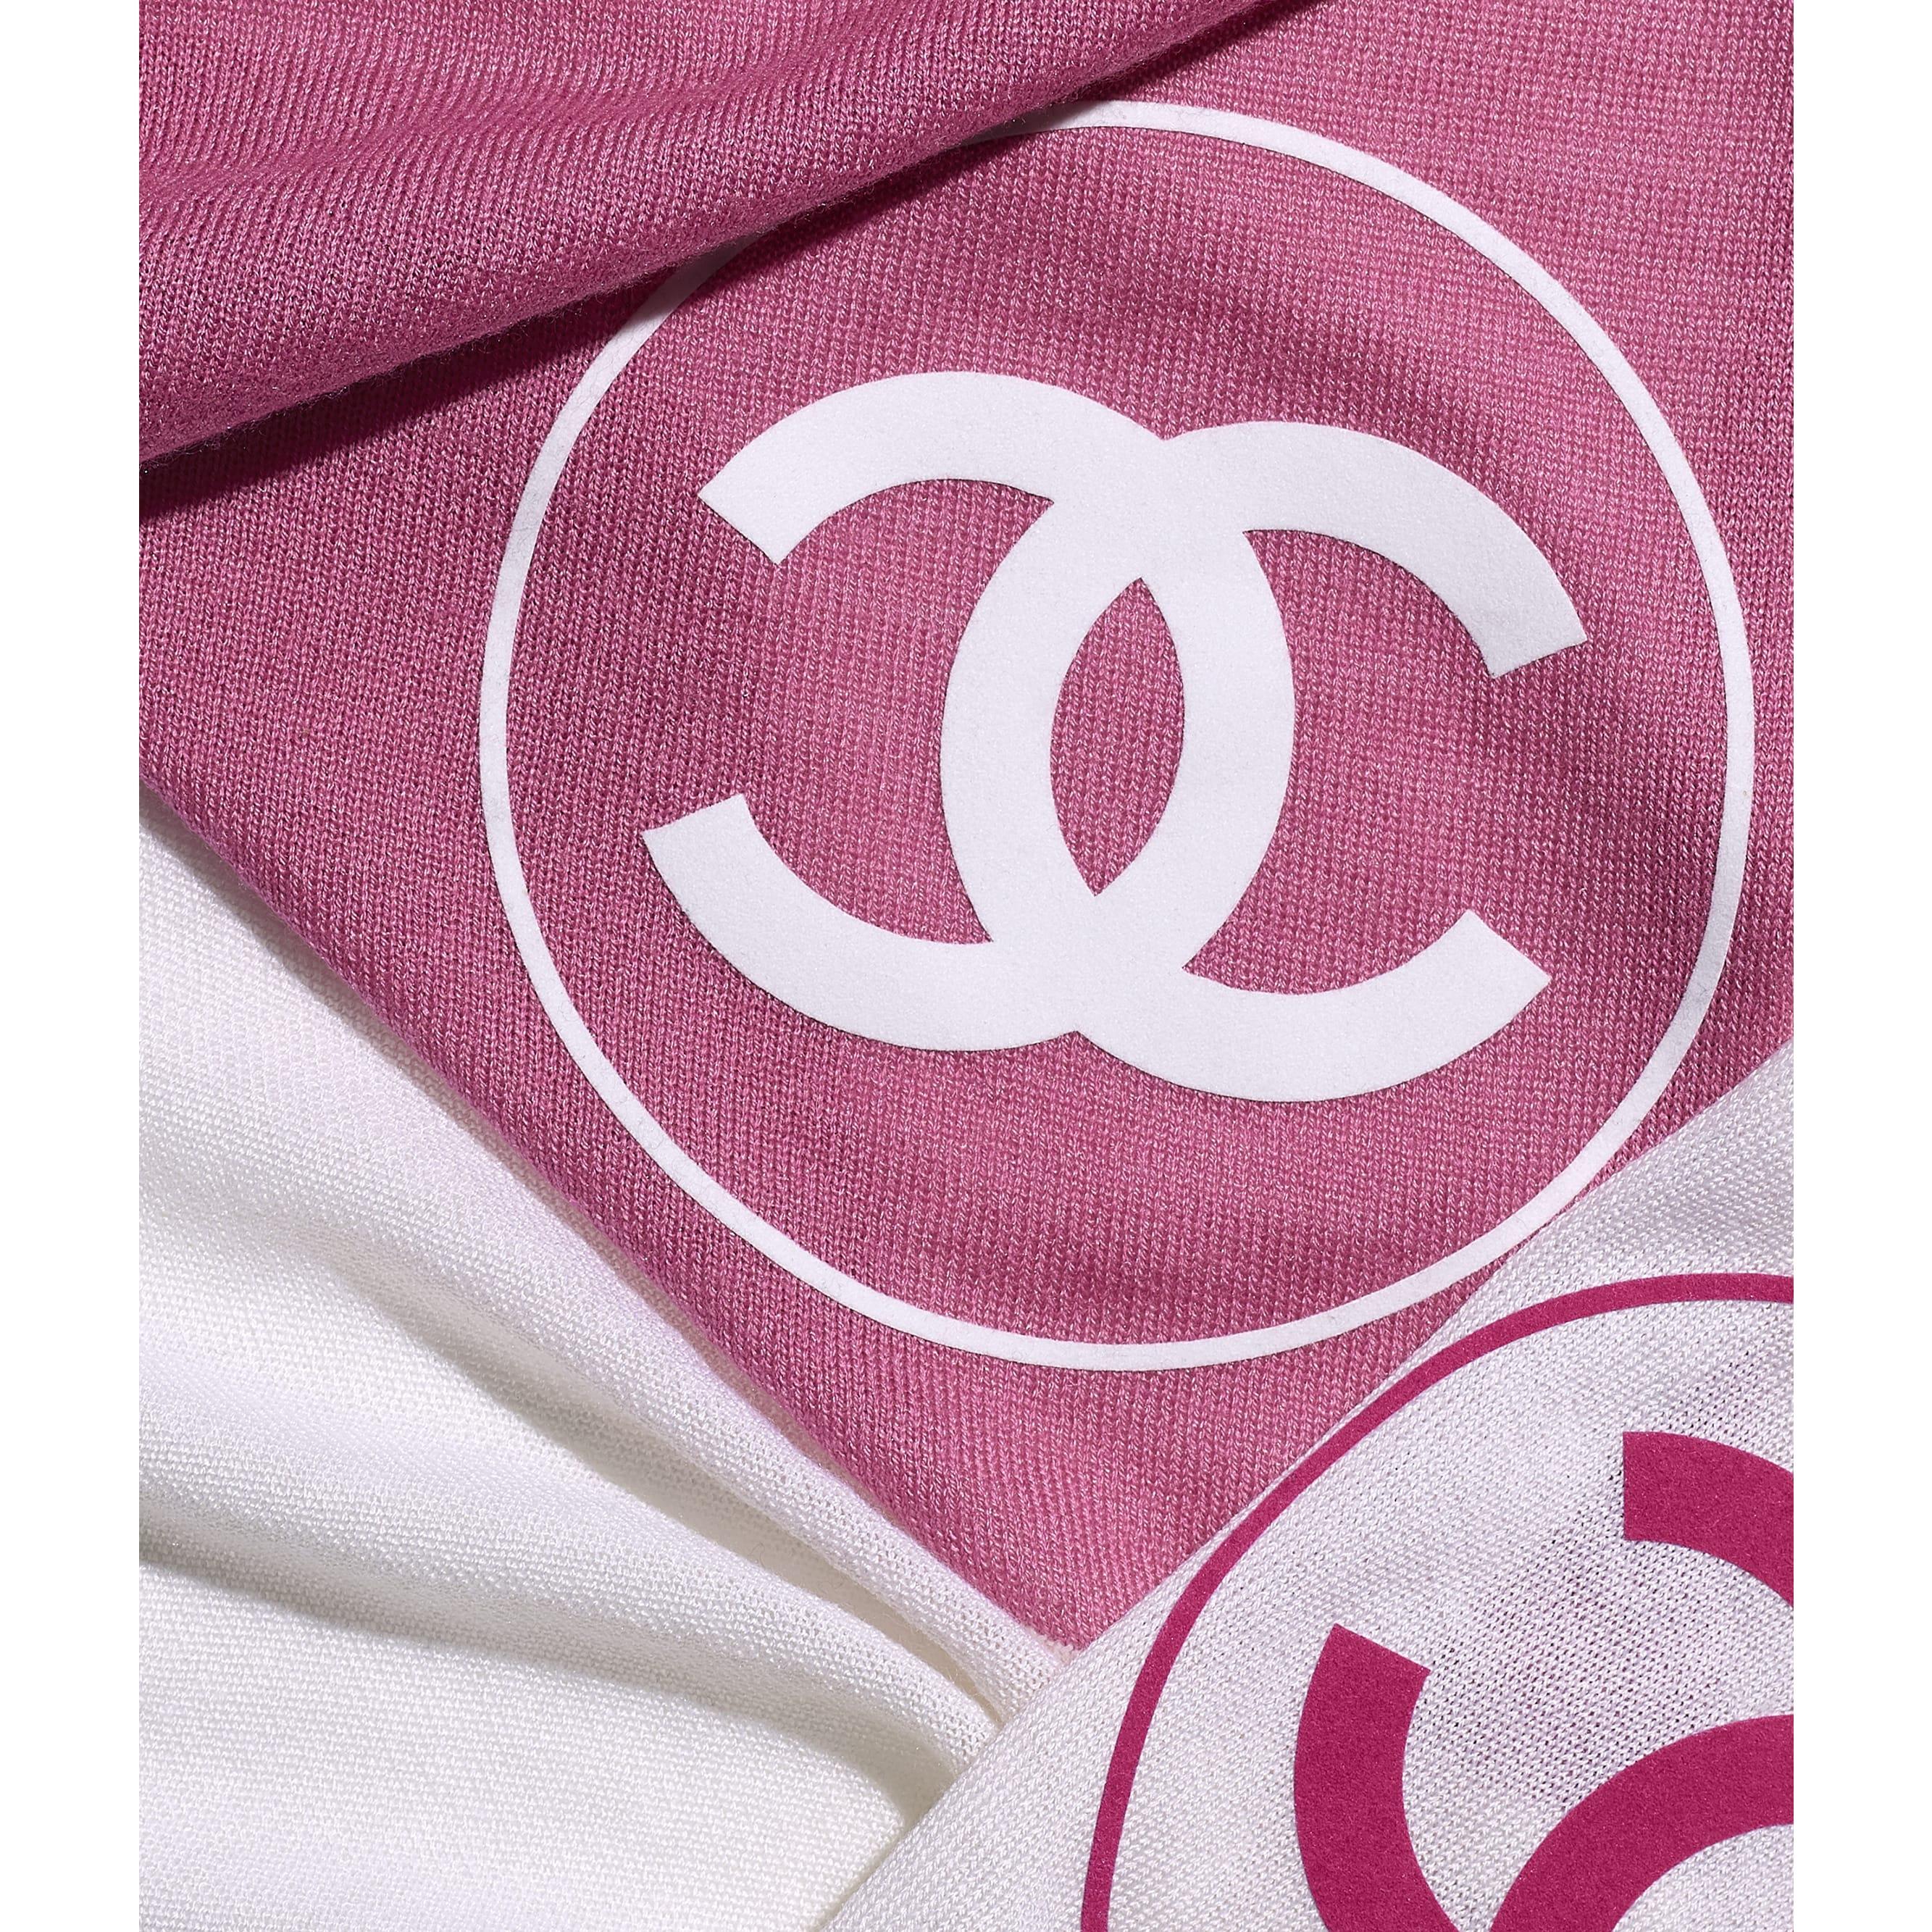 Палантин - Розовый и белый - Шерсть - CHANEL - Вид по умолчанию - посмотреть изображение стандартного размера